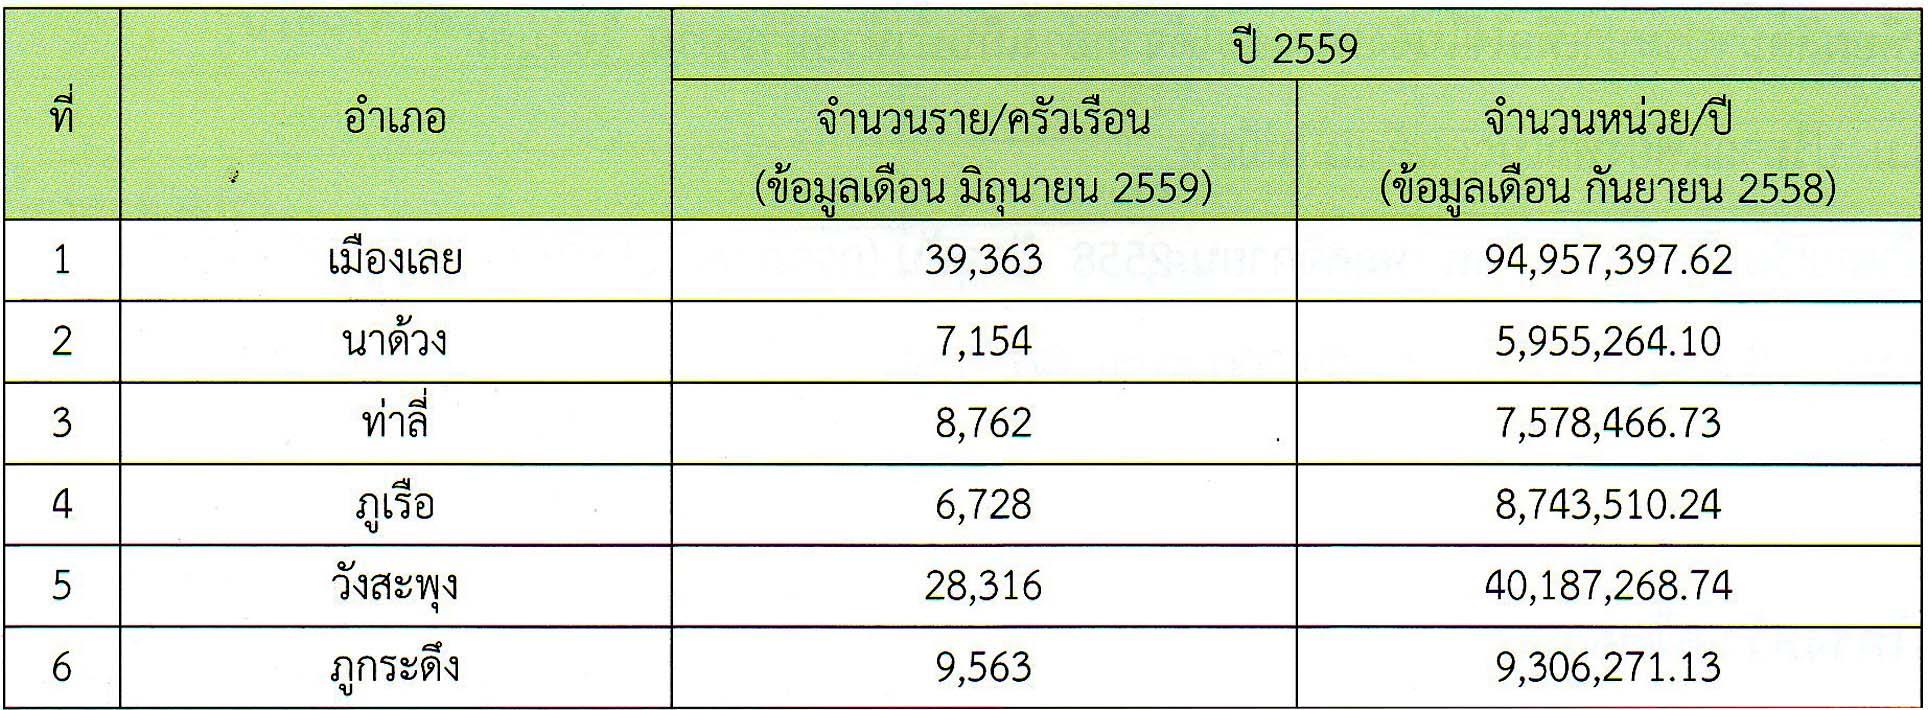 จำนวนครัวเรือนที่ไฟฟ้าและปริมาณการใช้กระแสไฟฟ้าแต่ละปี ปี2559